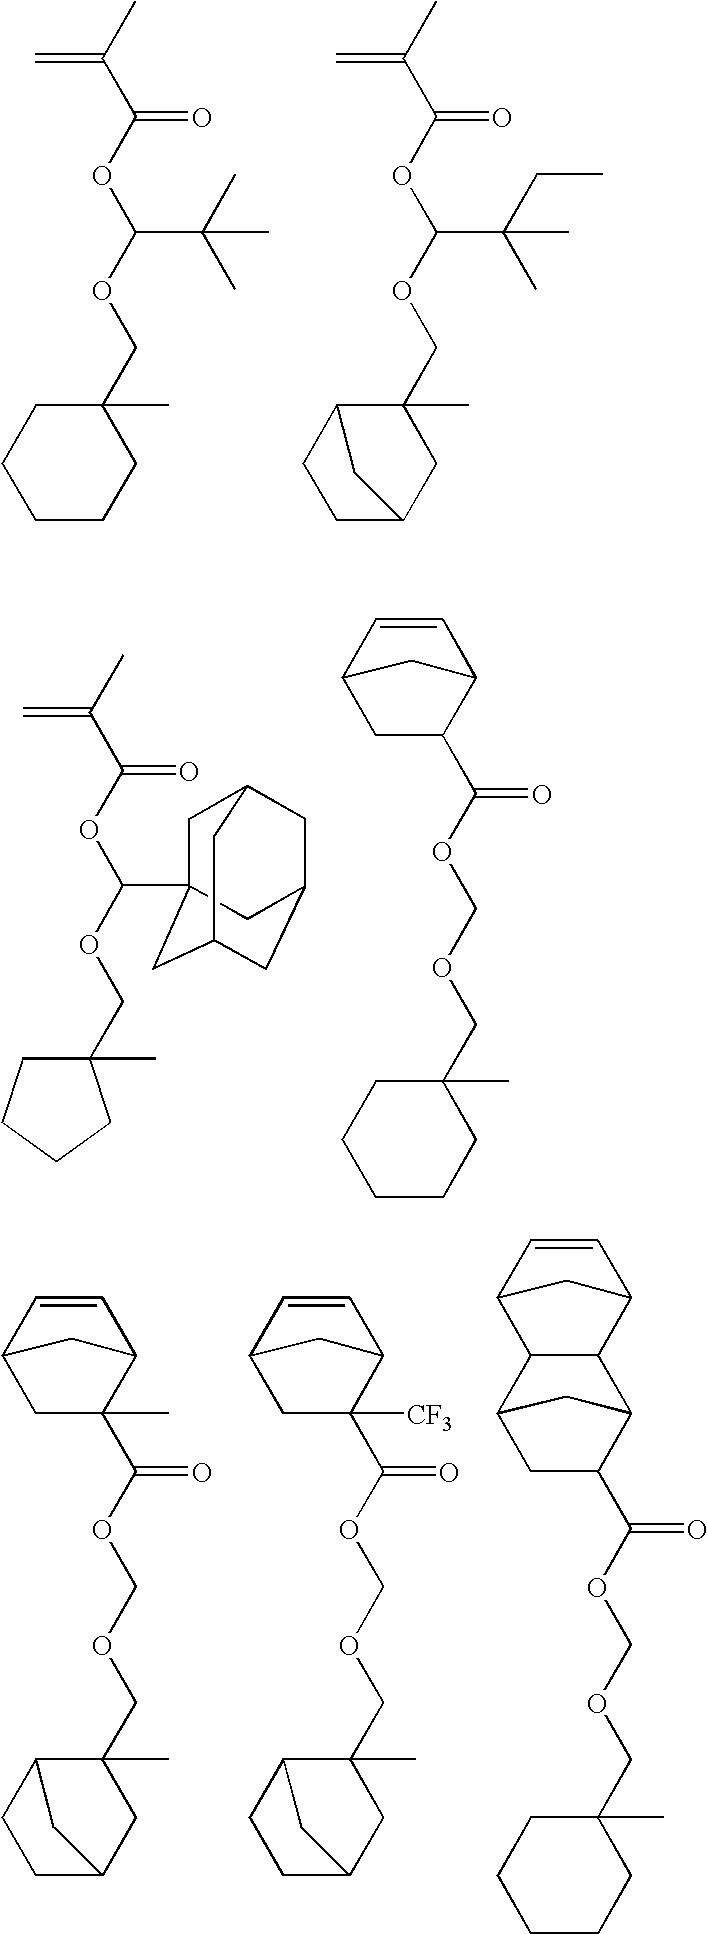 Figure US07687222-20100330-C00013